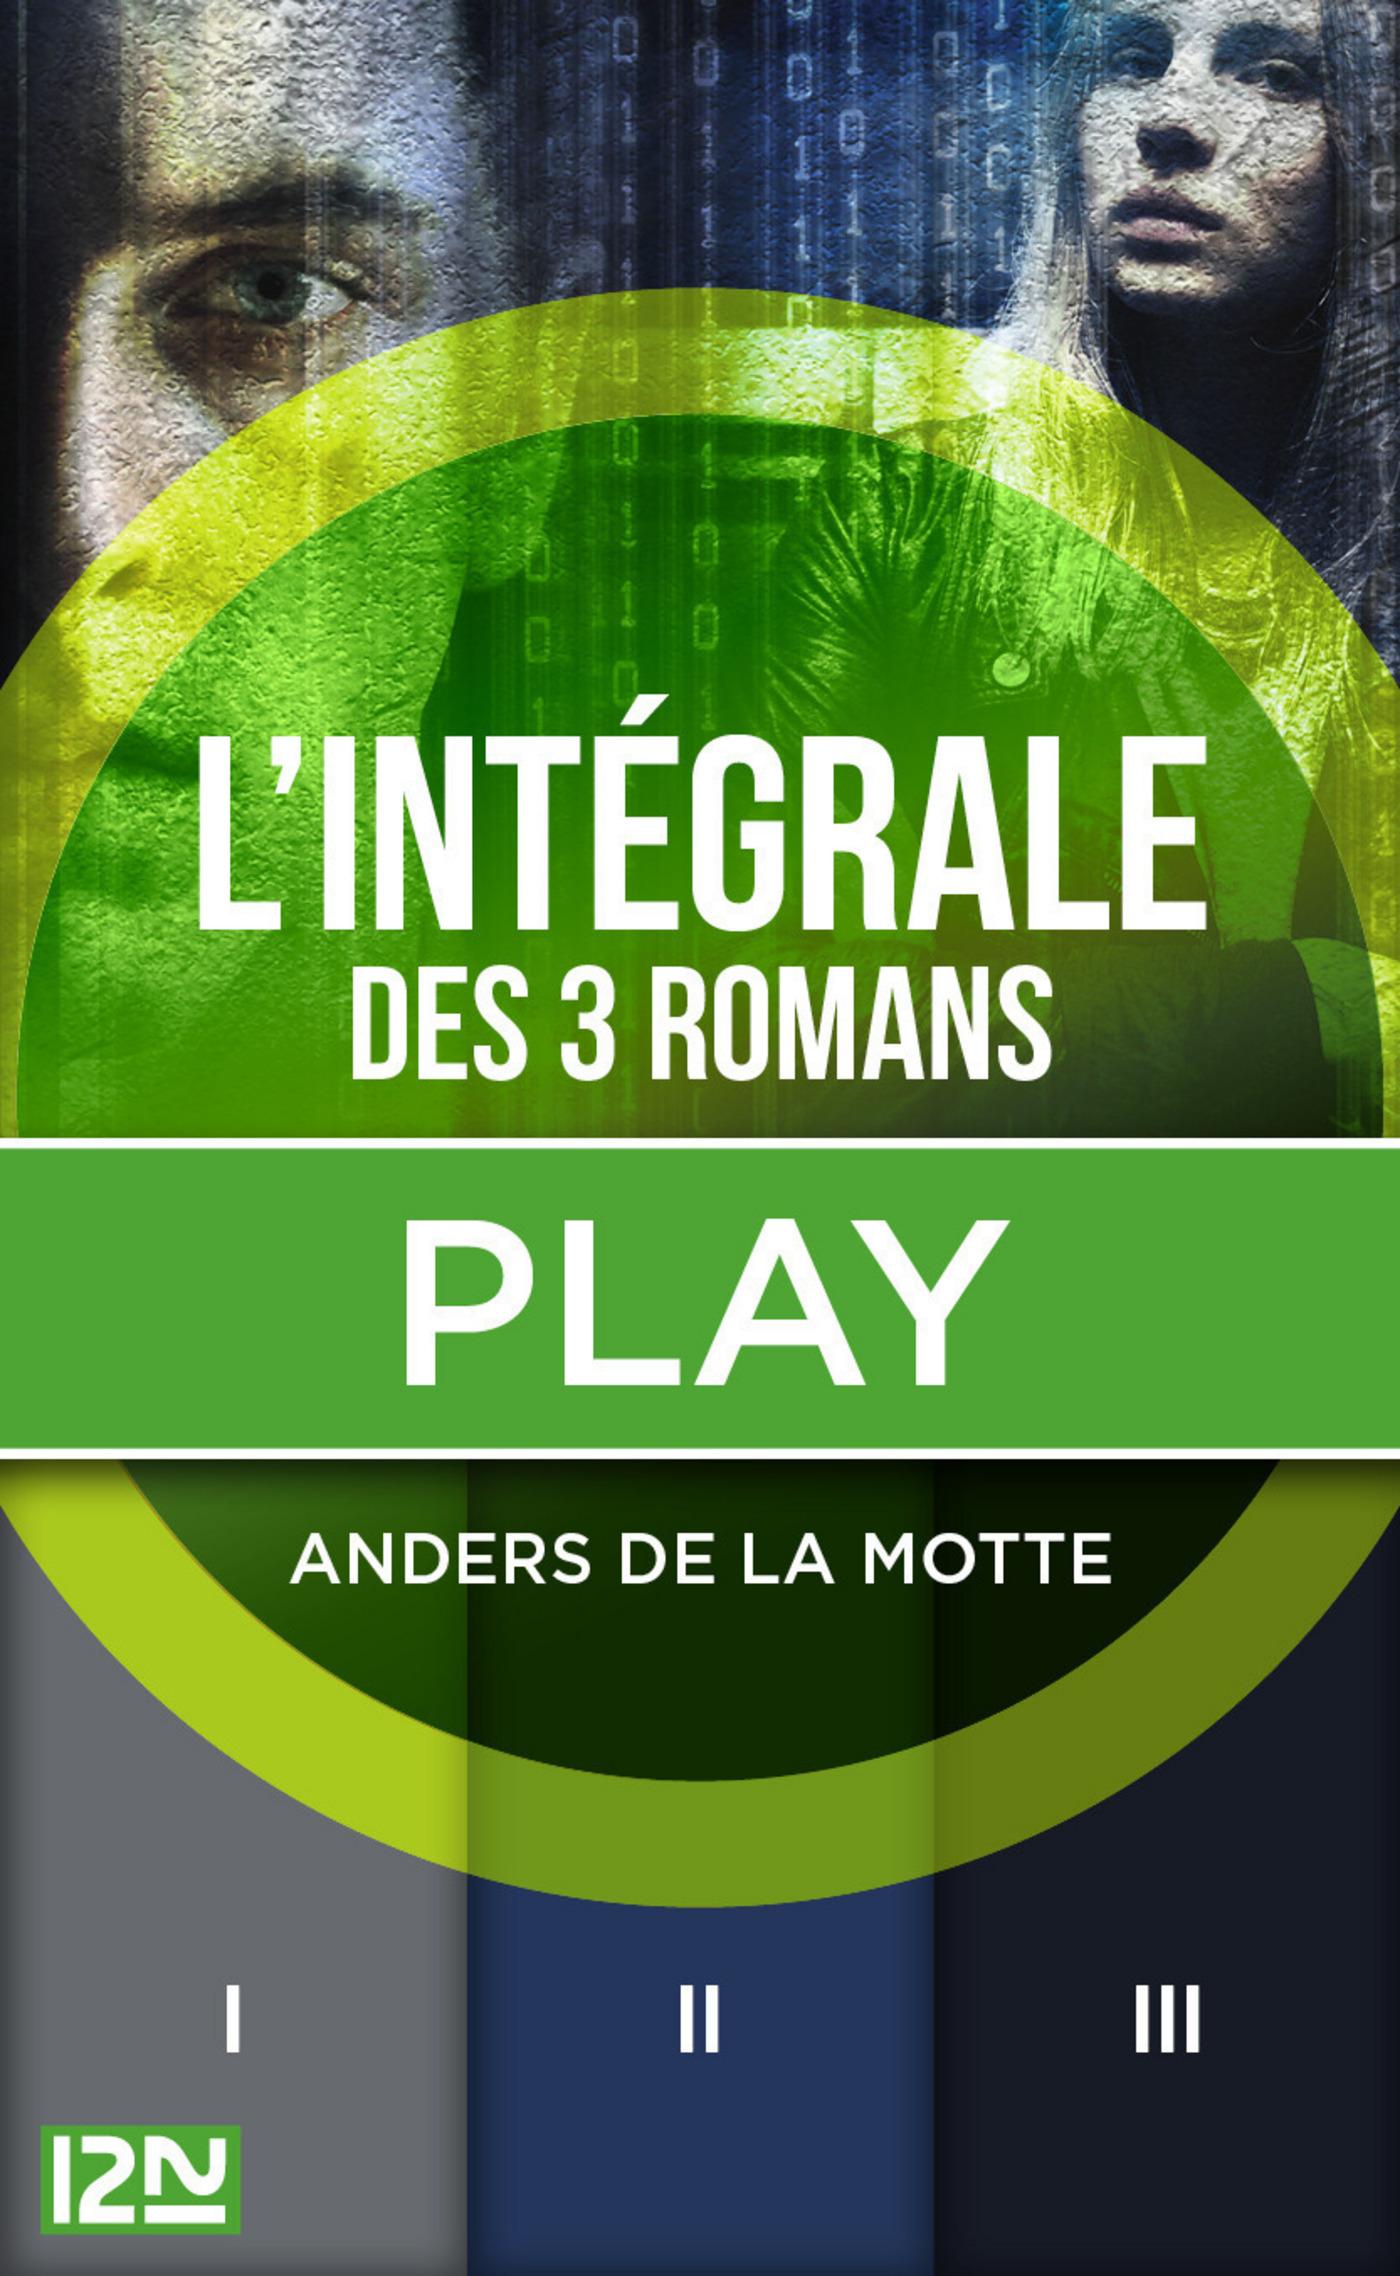 Intégrale Play